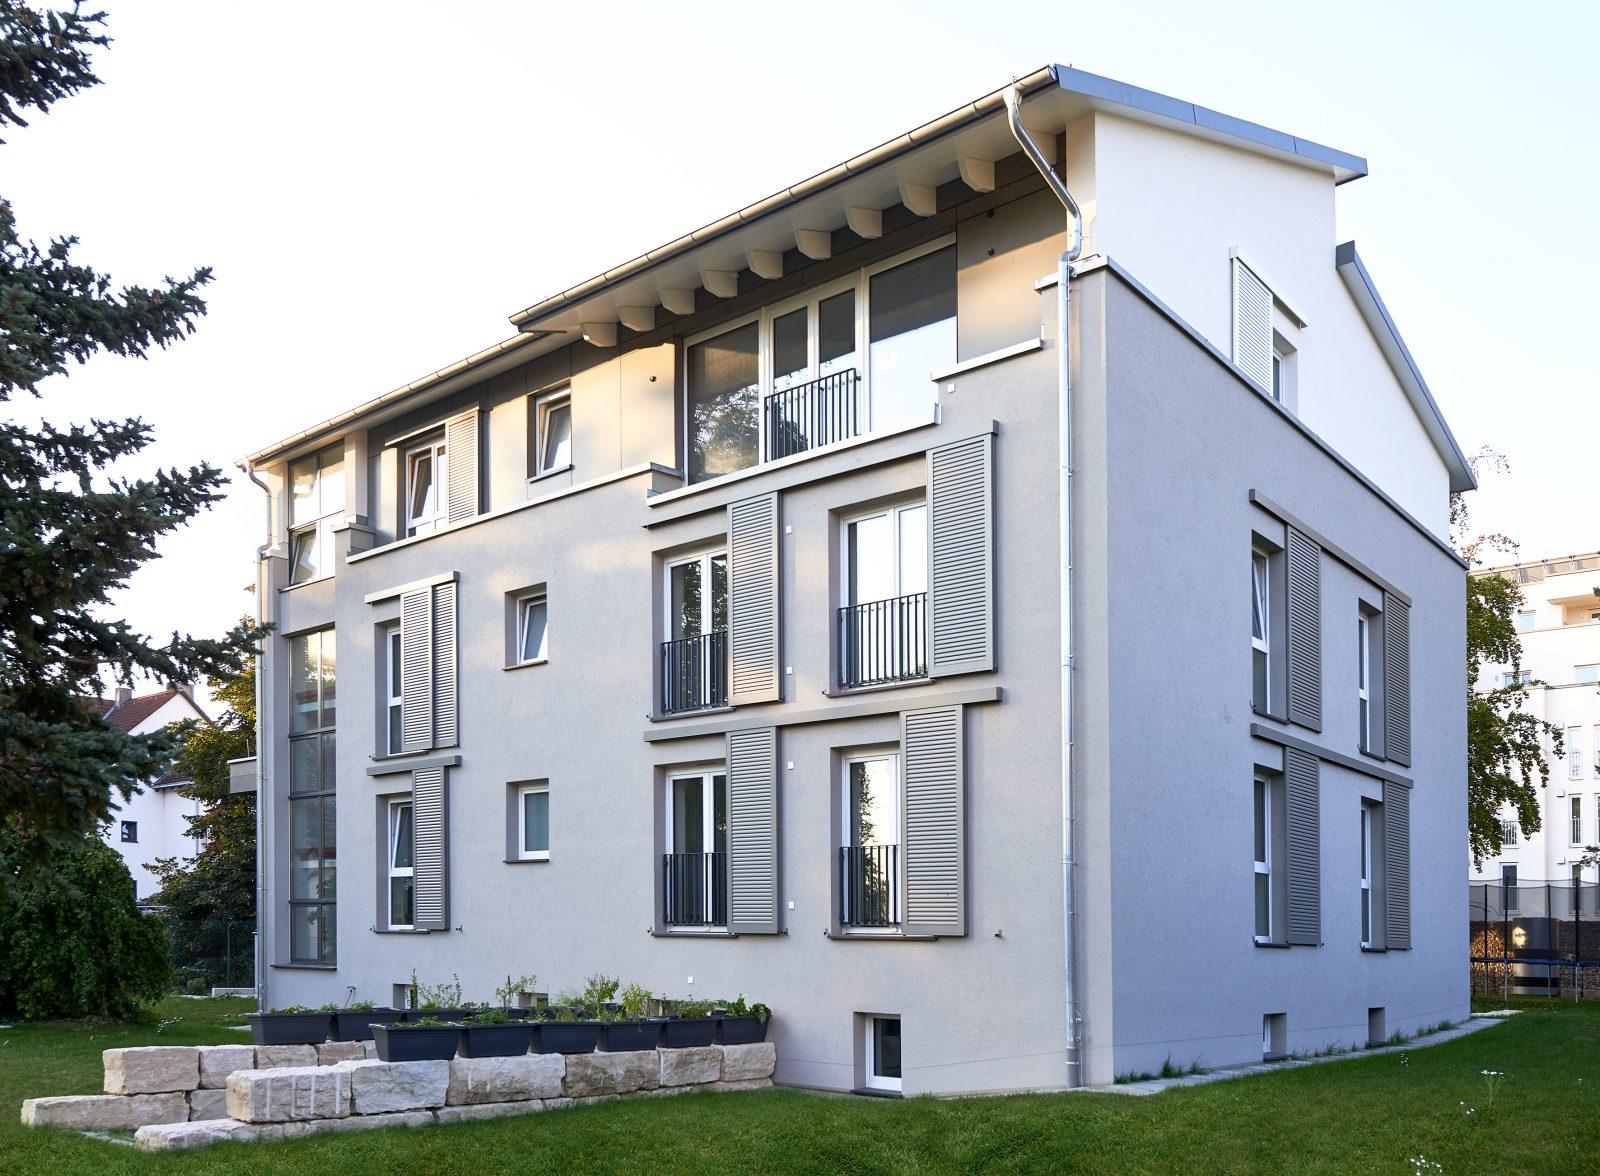 Buro Verwaltung Hilpert Kollegen Architekten Bda